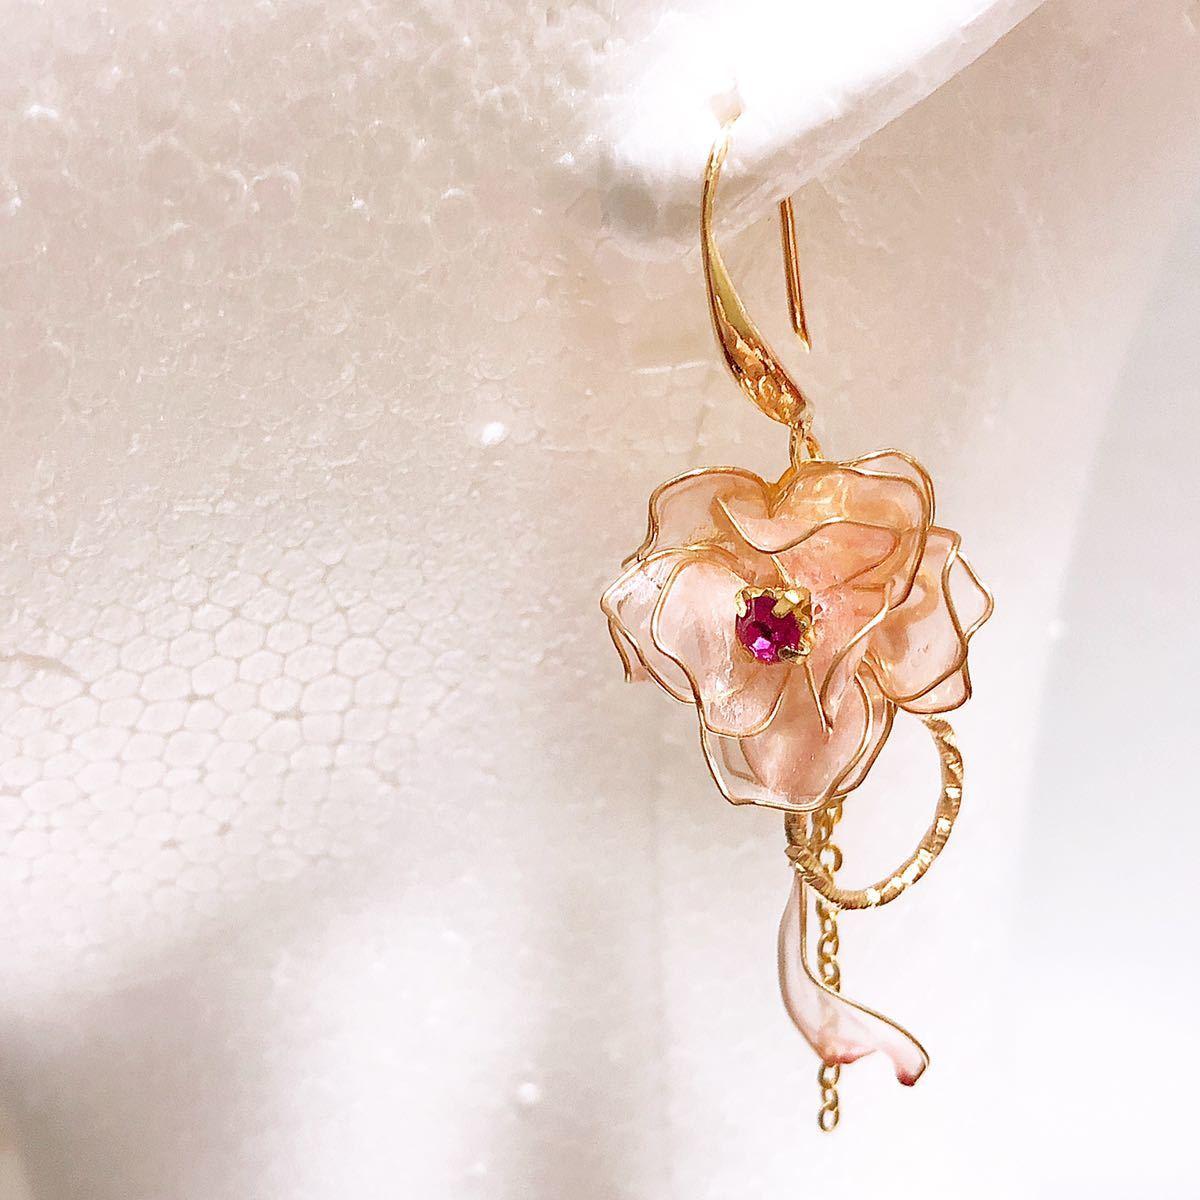 桃色の薔薇 ピアス/イヤリング ディップアート アメリカンフラワー ワイヤーフラワー ピンク ドレス プレゼント ギフト 大人 可愛い_画像7